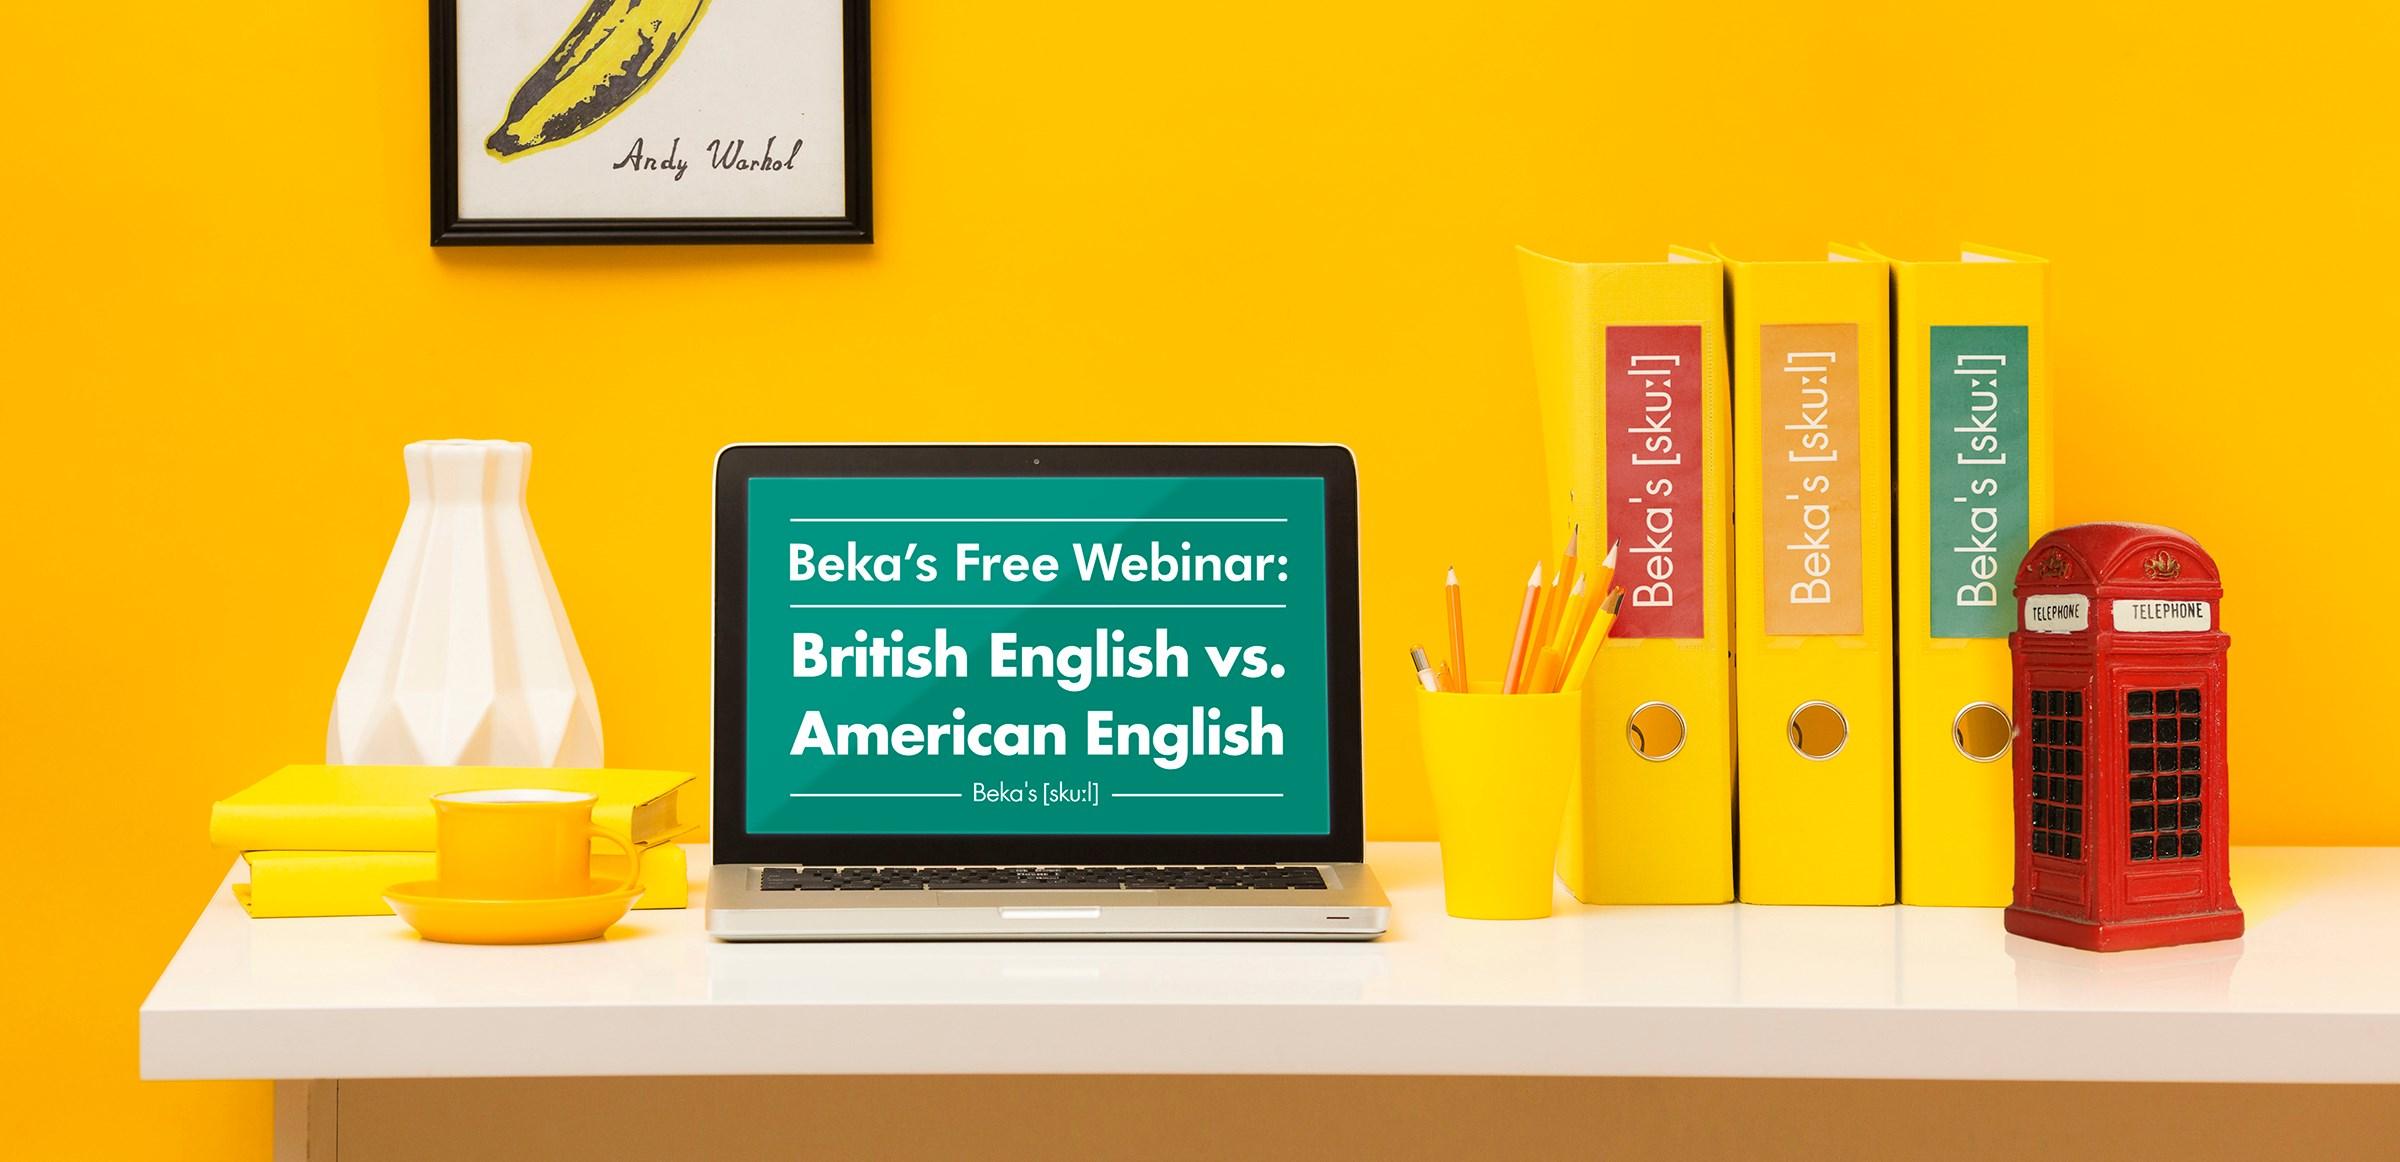 პიკის საათი - რა განასხვავებს ამერიკულ და ბრიტანულ ინგლისურს?